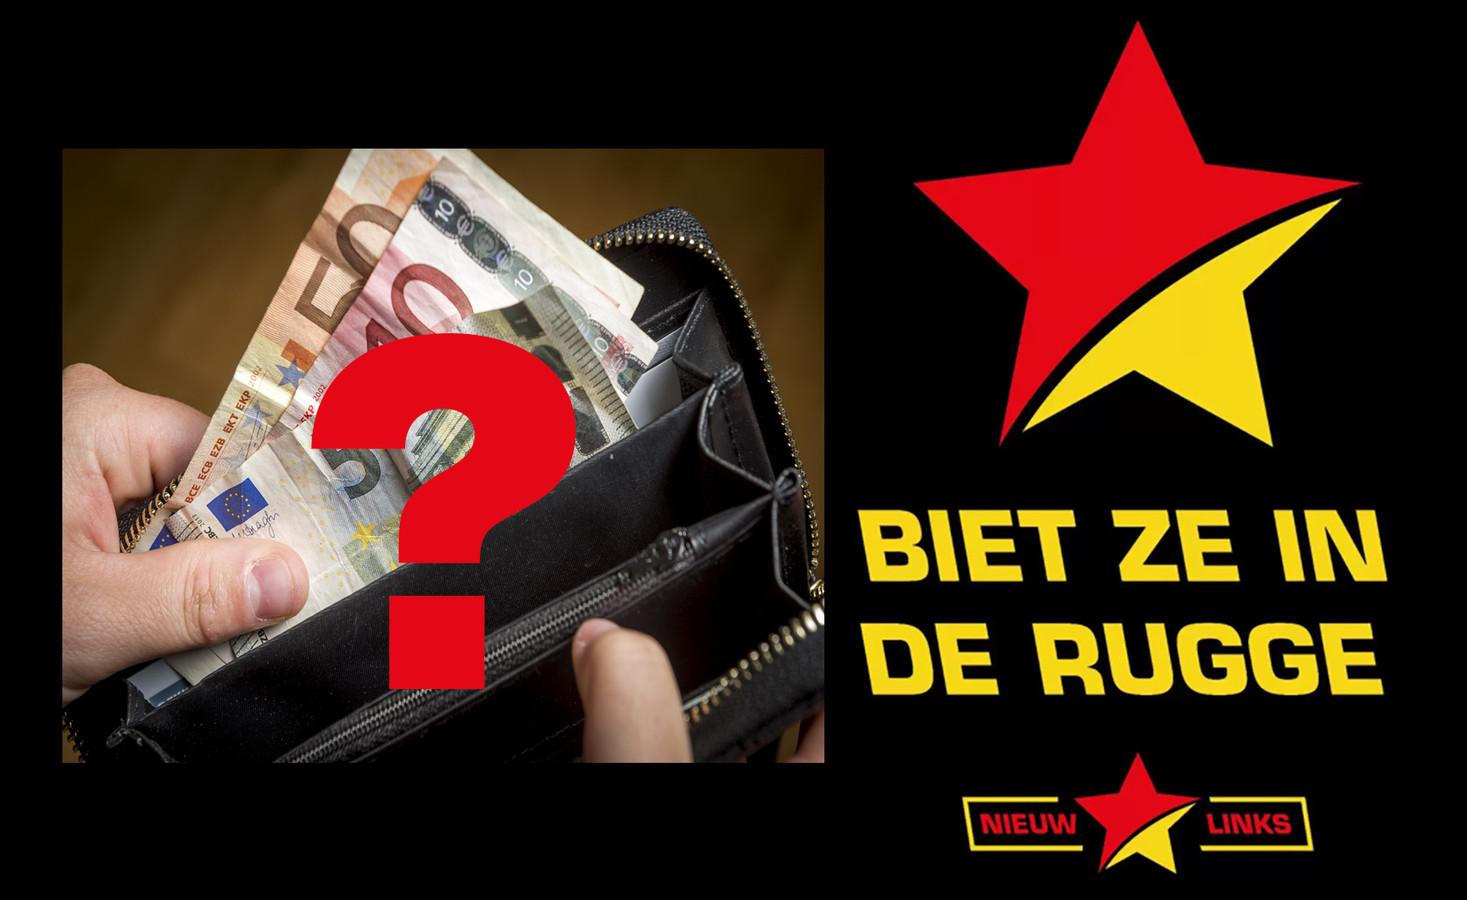 Nieuw-Links deed in 2018 mee als nieuwe politieke partij aan de gemeenteraadsverkiezingen in Deventer. De partij haalde geen zetel en is sindsdien niet meer actief.